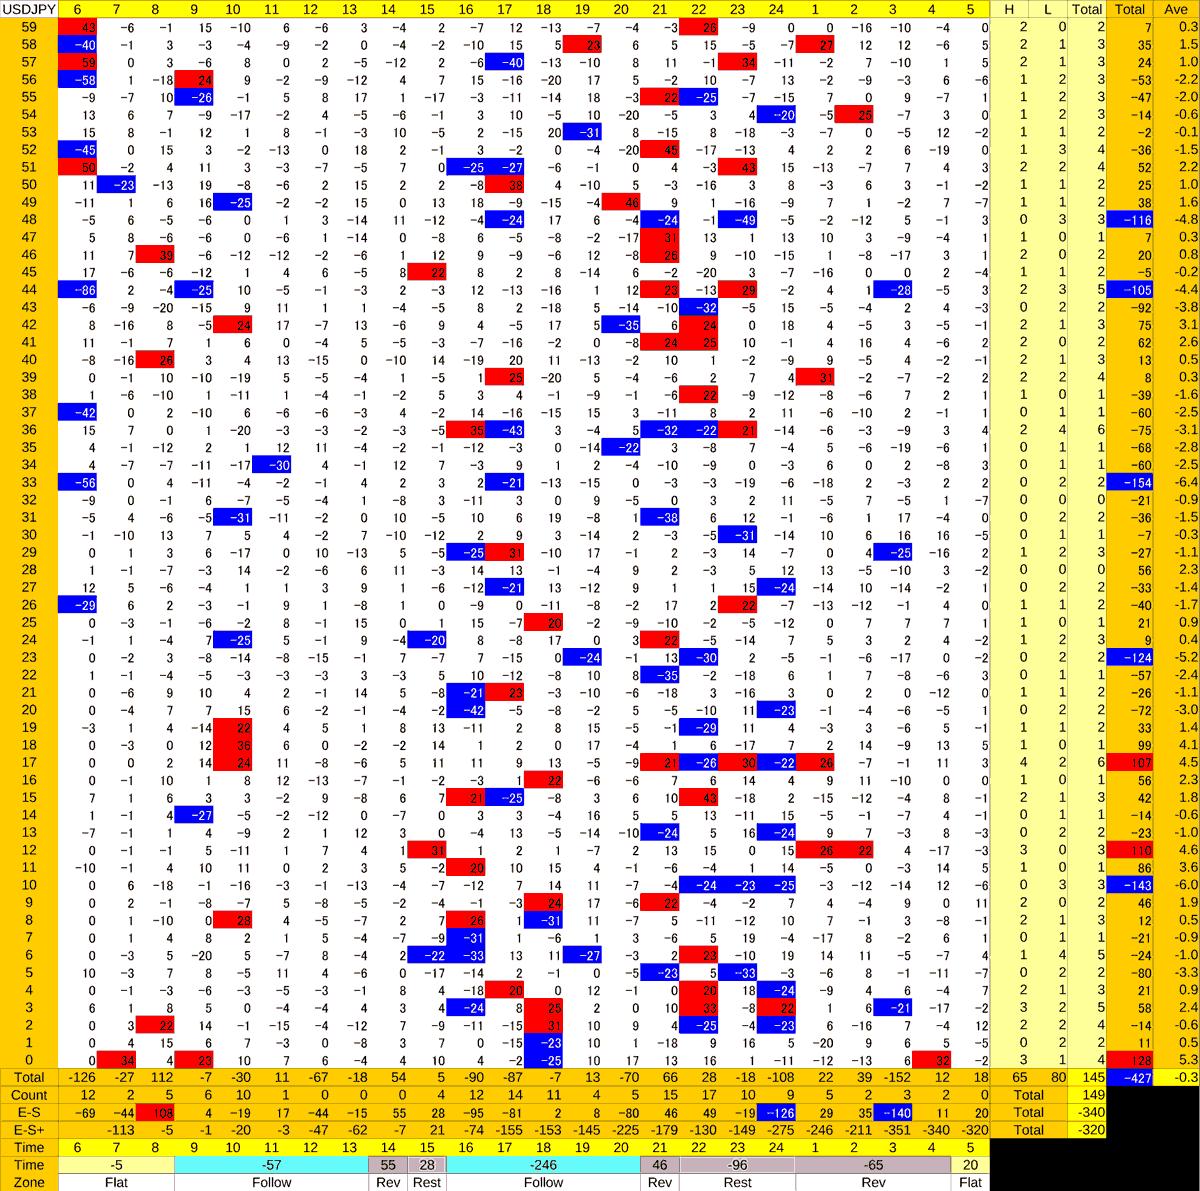 20200820_HS(1)USDJPY